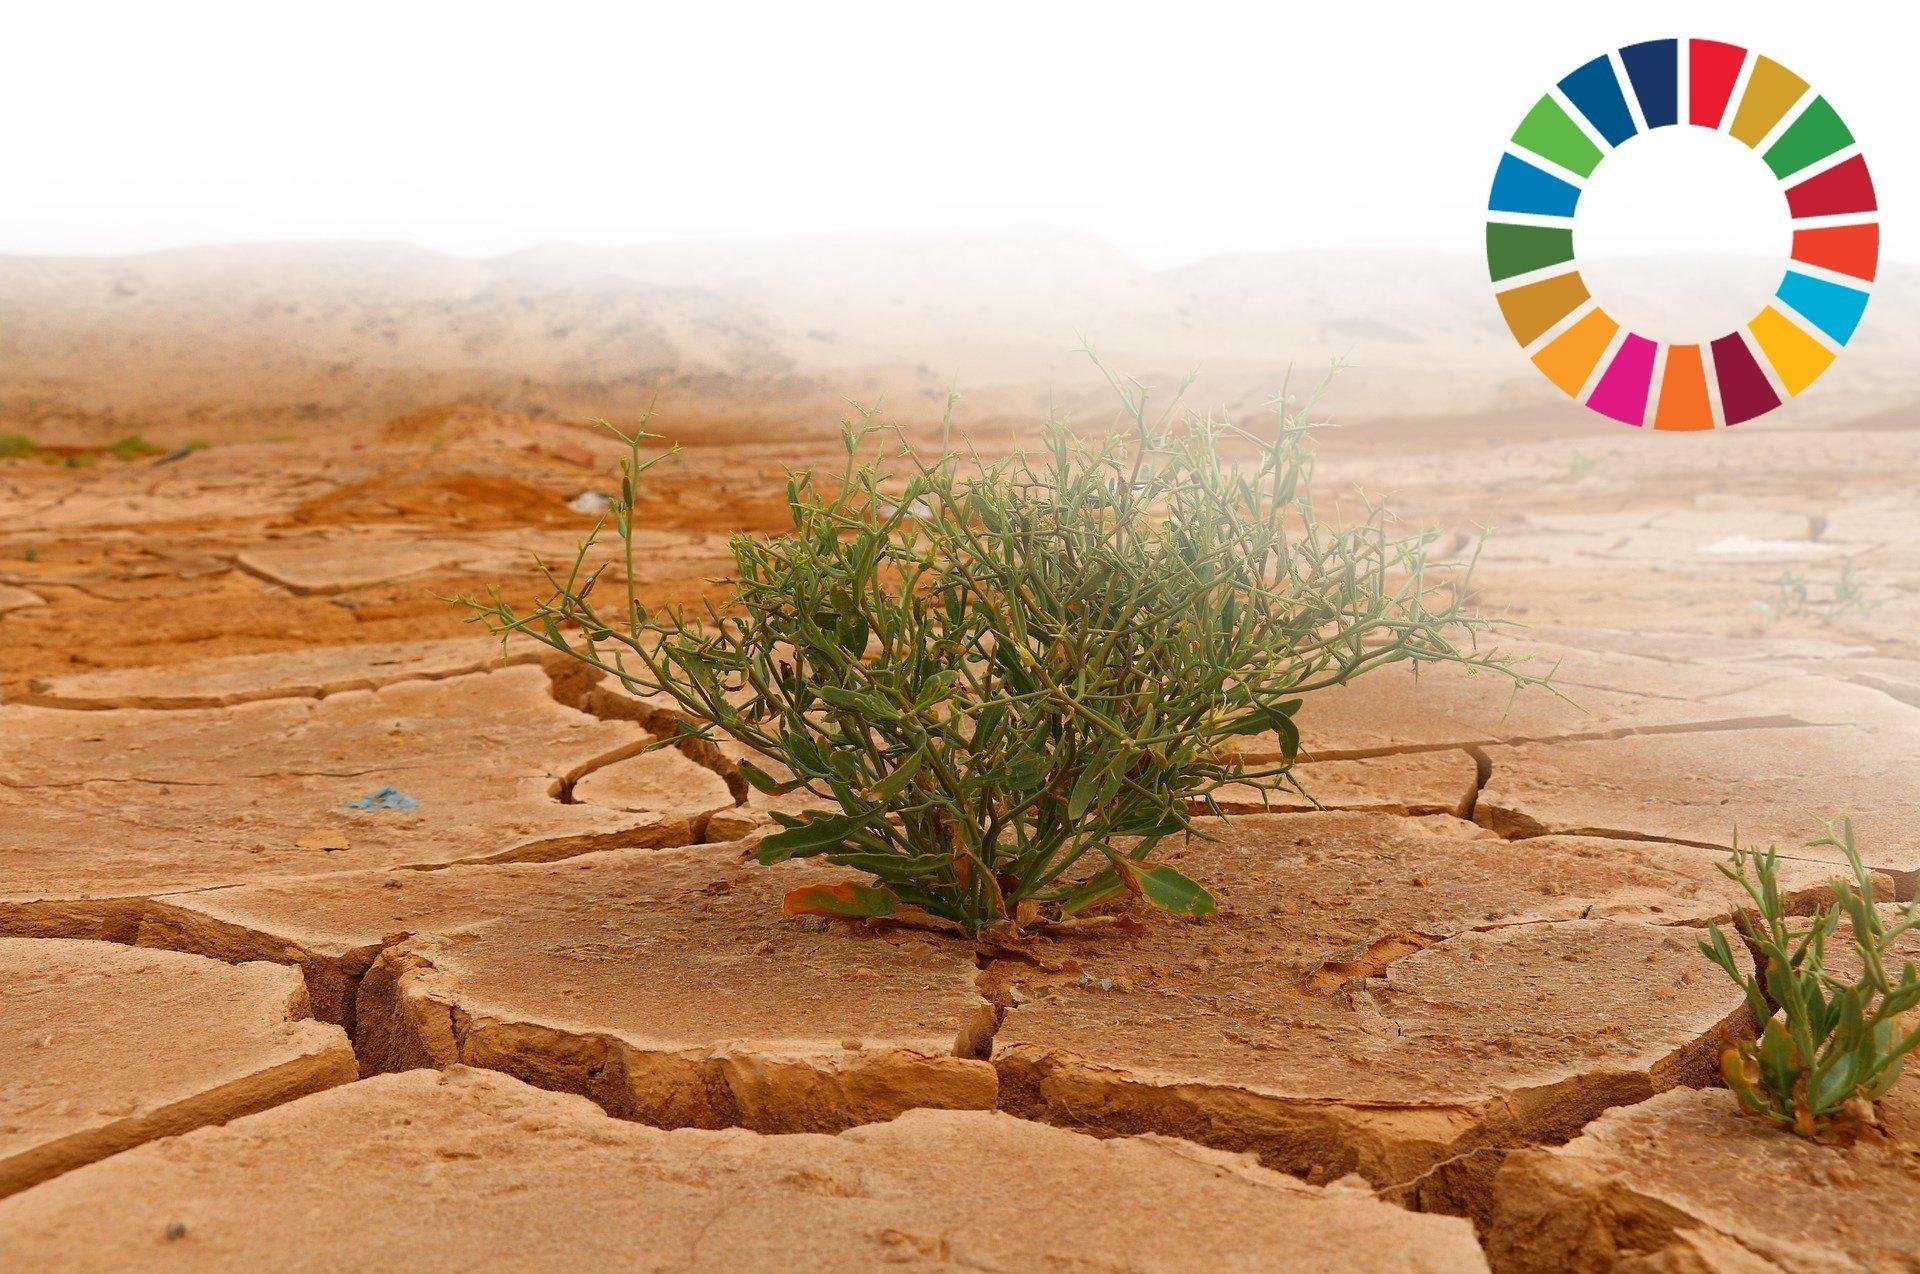 desert-goal-2030